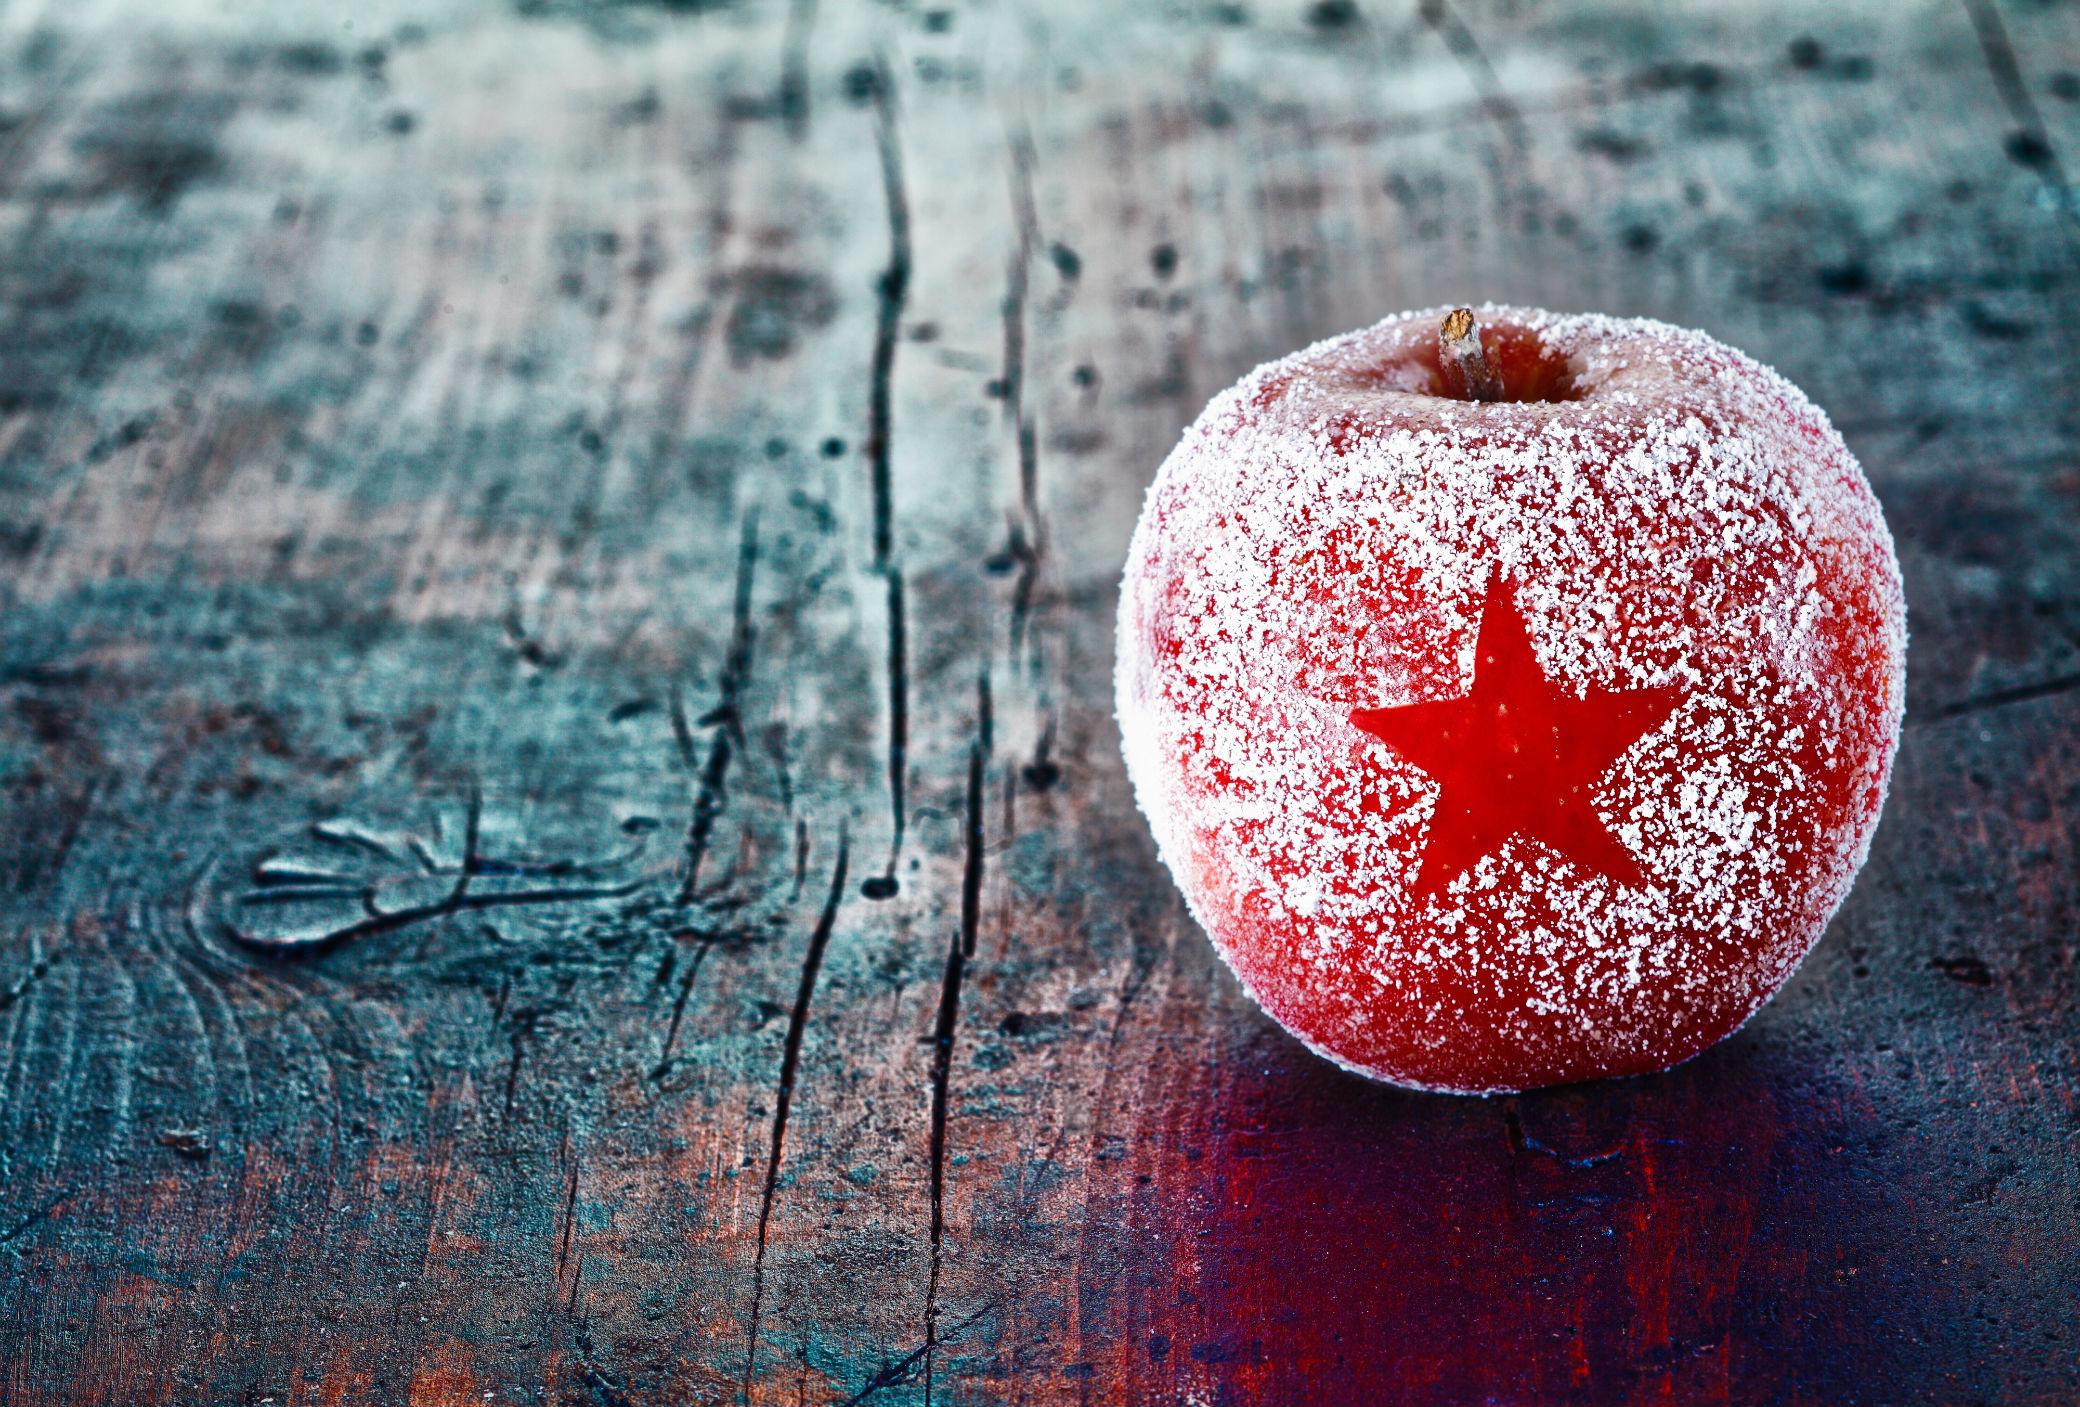 Come creare l'effetto brina sui fiori e frutta per le decorazioni di Natale